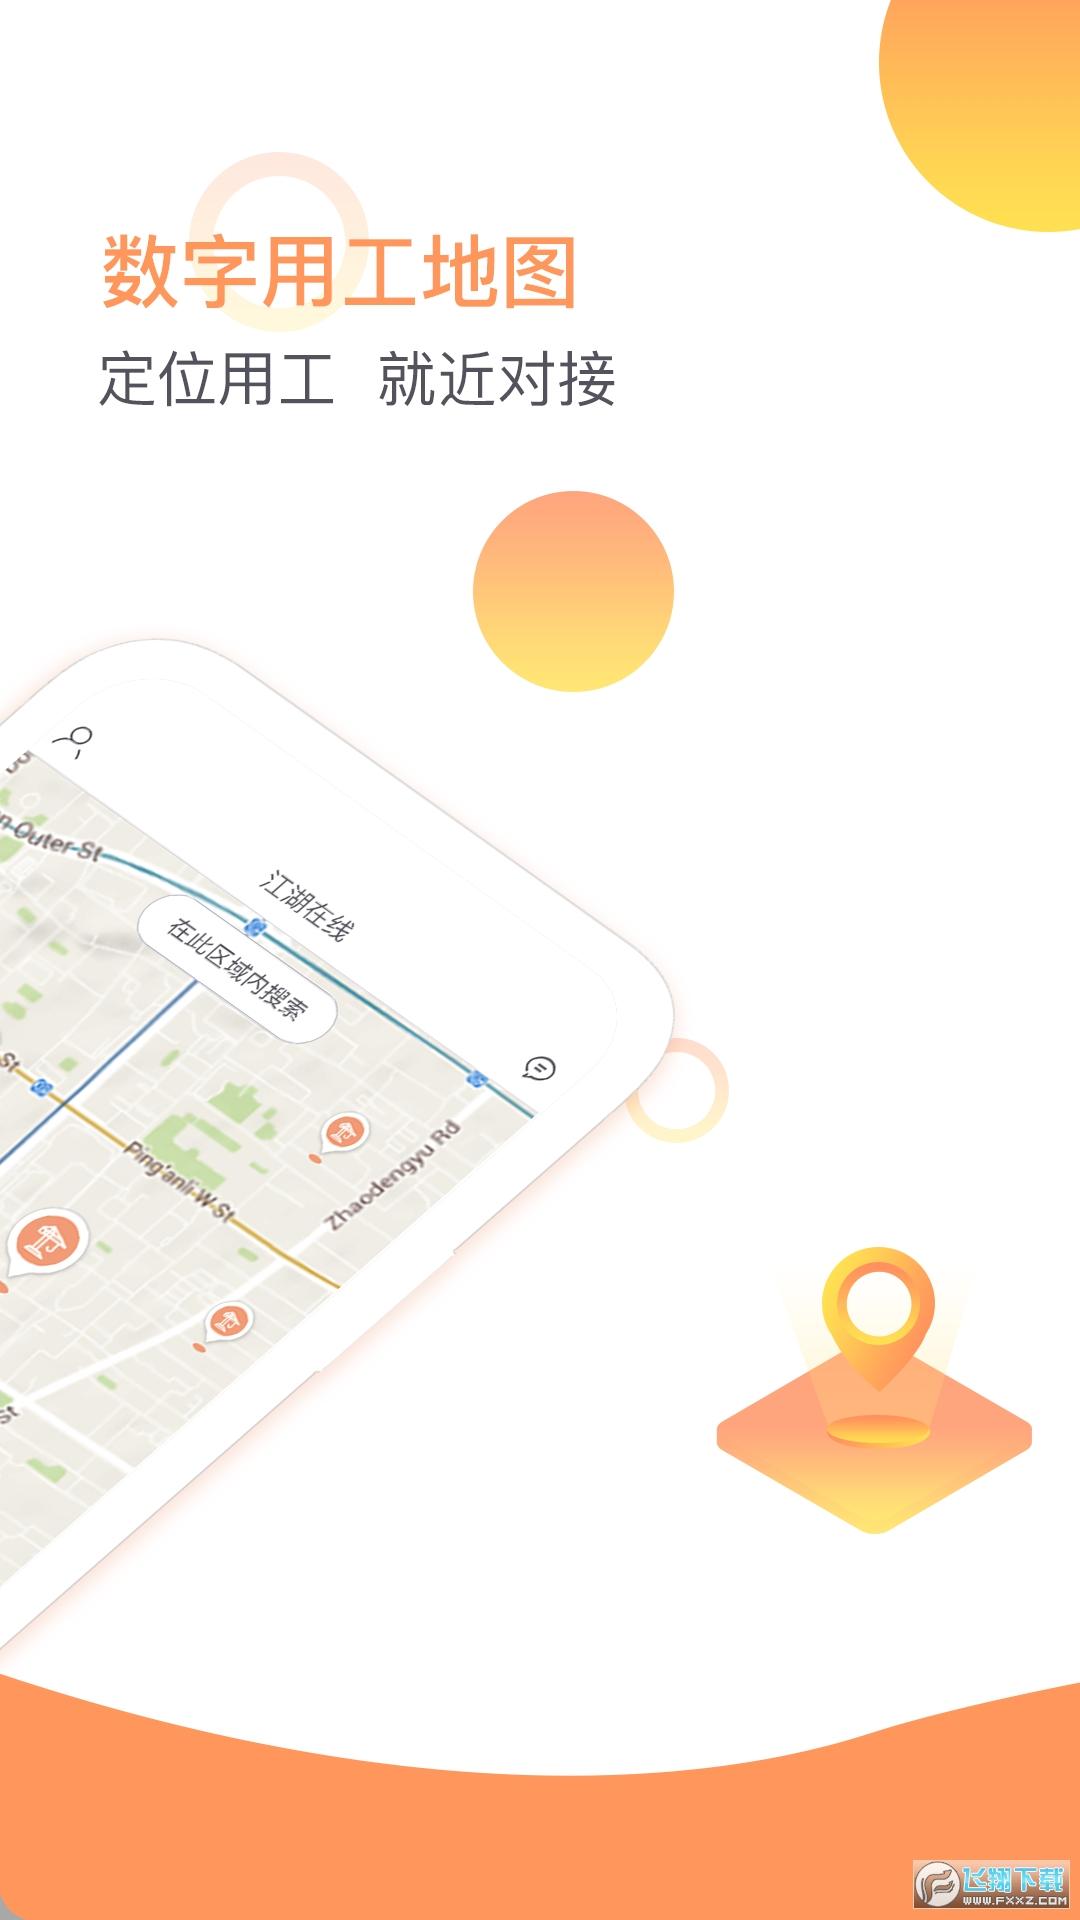 江湖在线app安卓版2.0.3手机版截图1